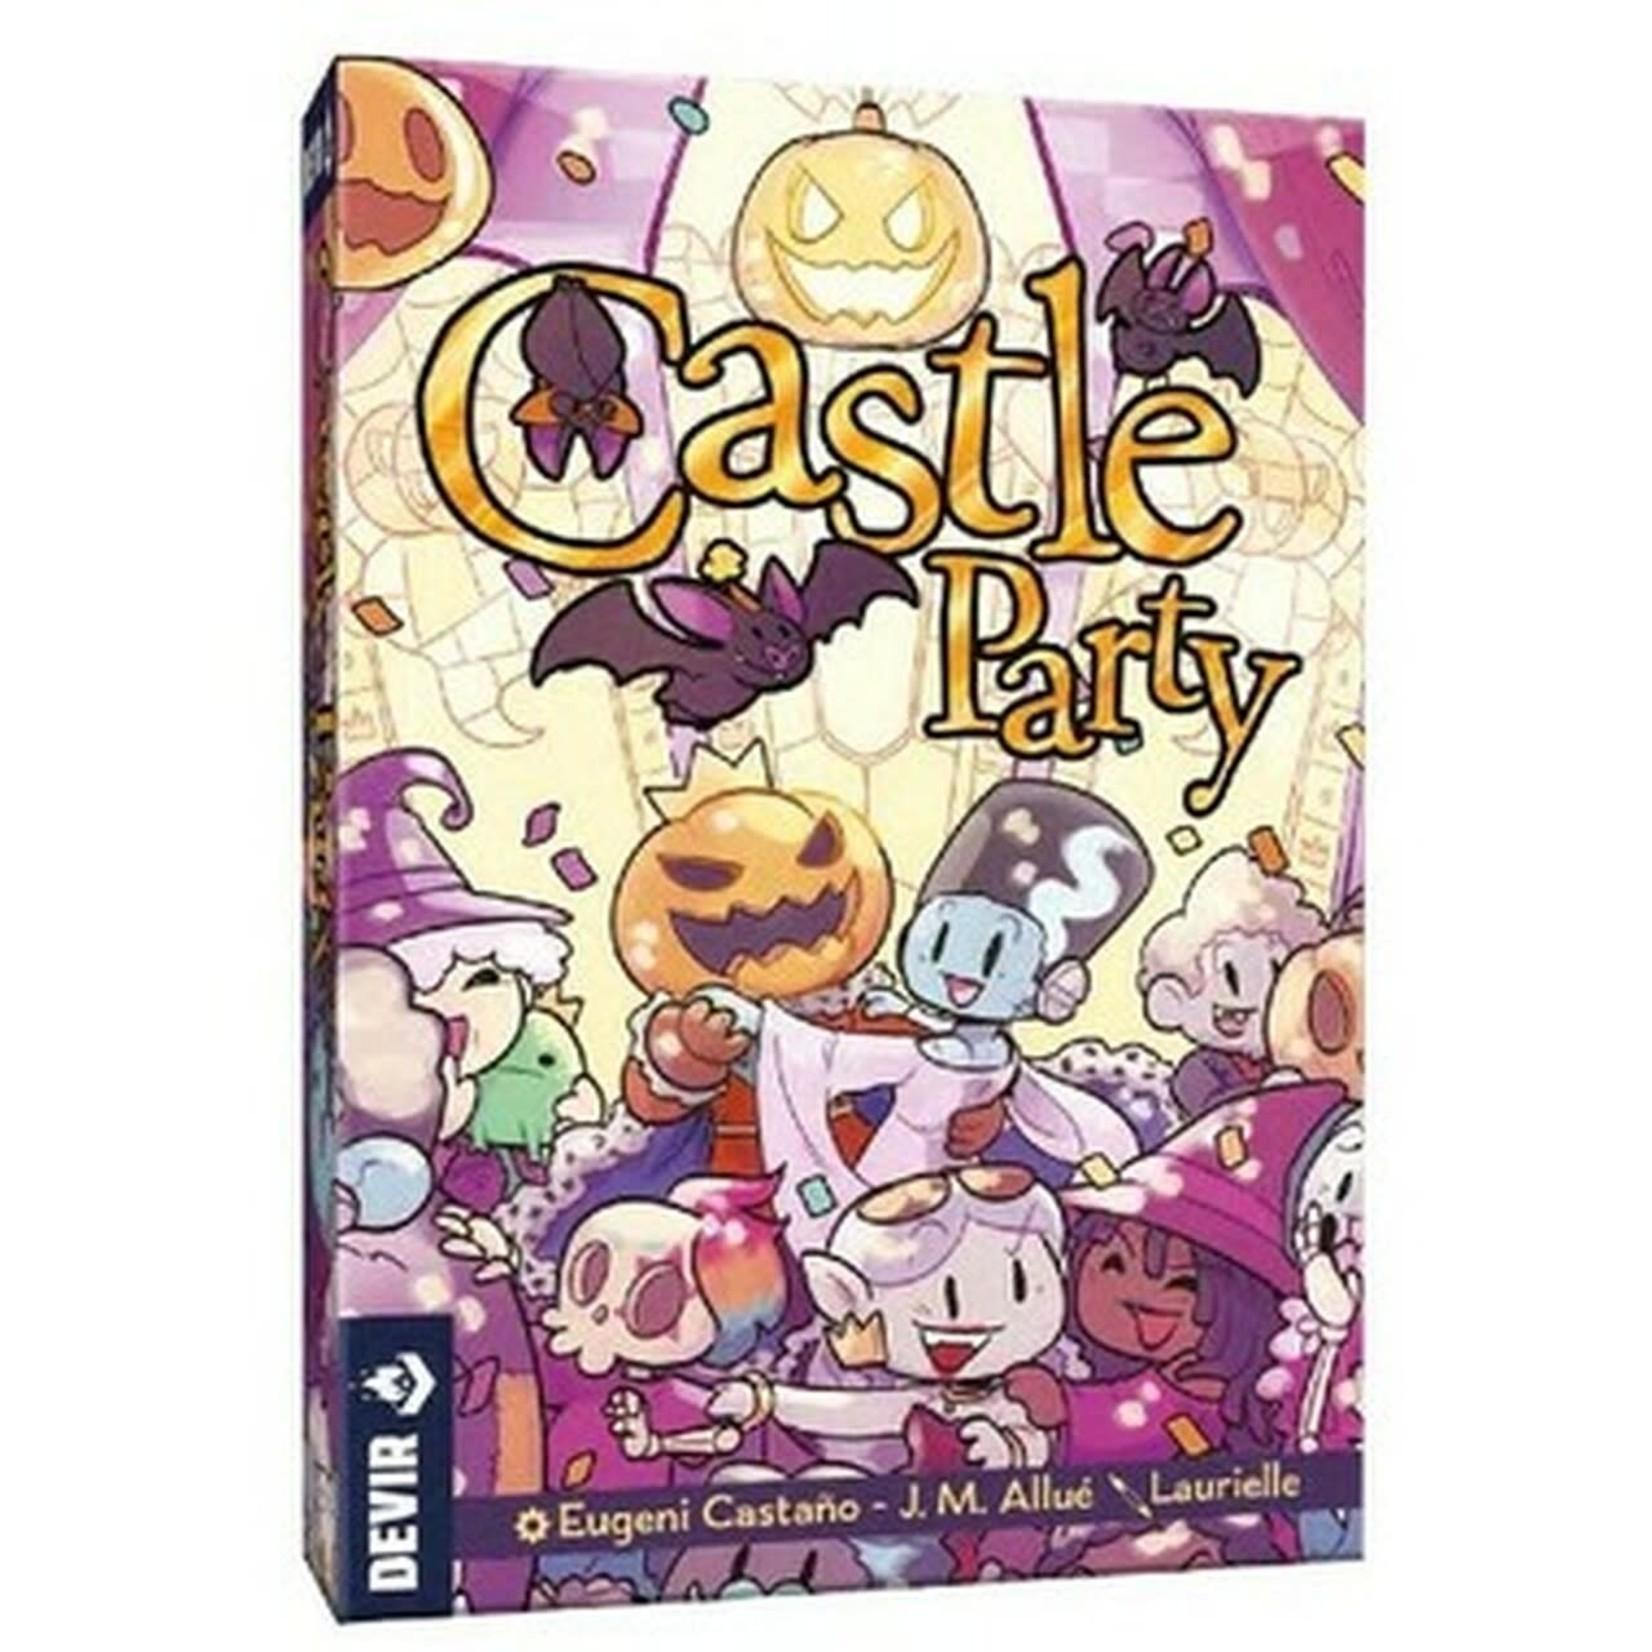 Devir Castle Party